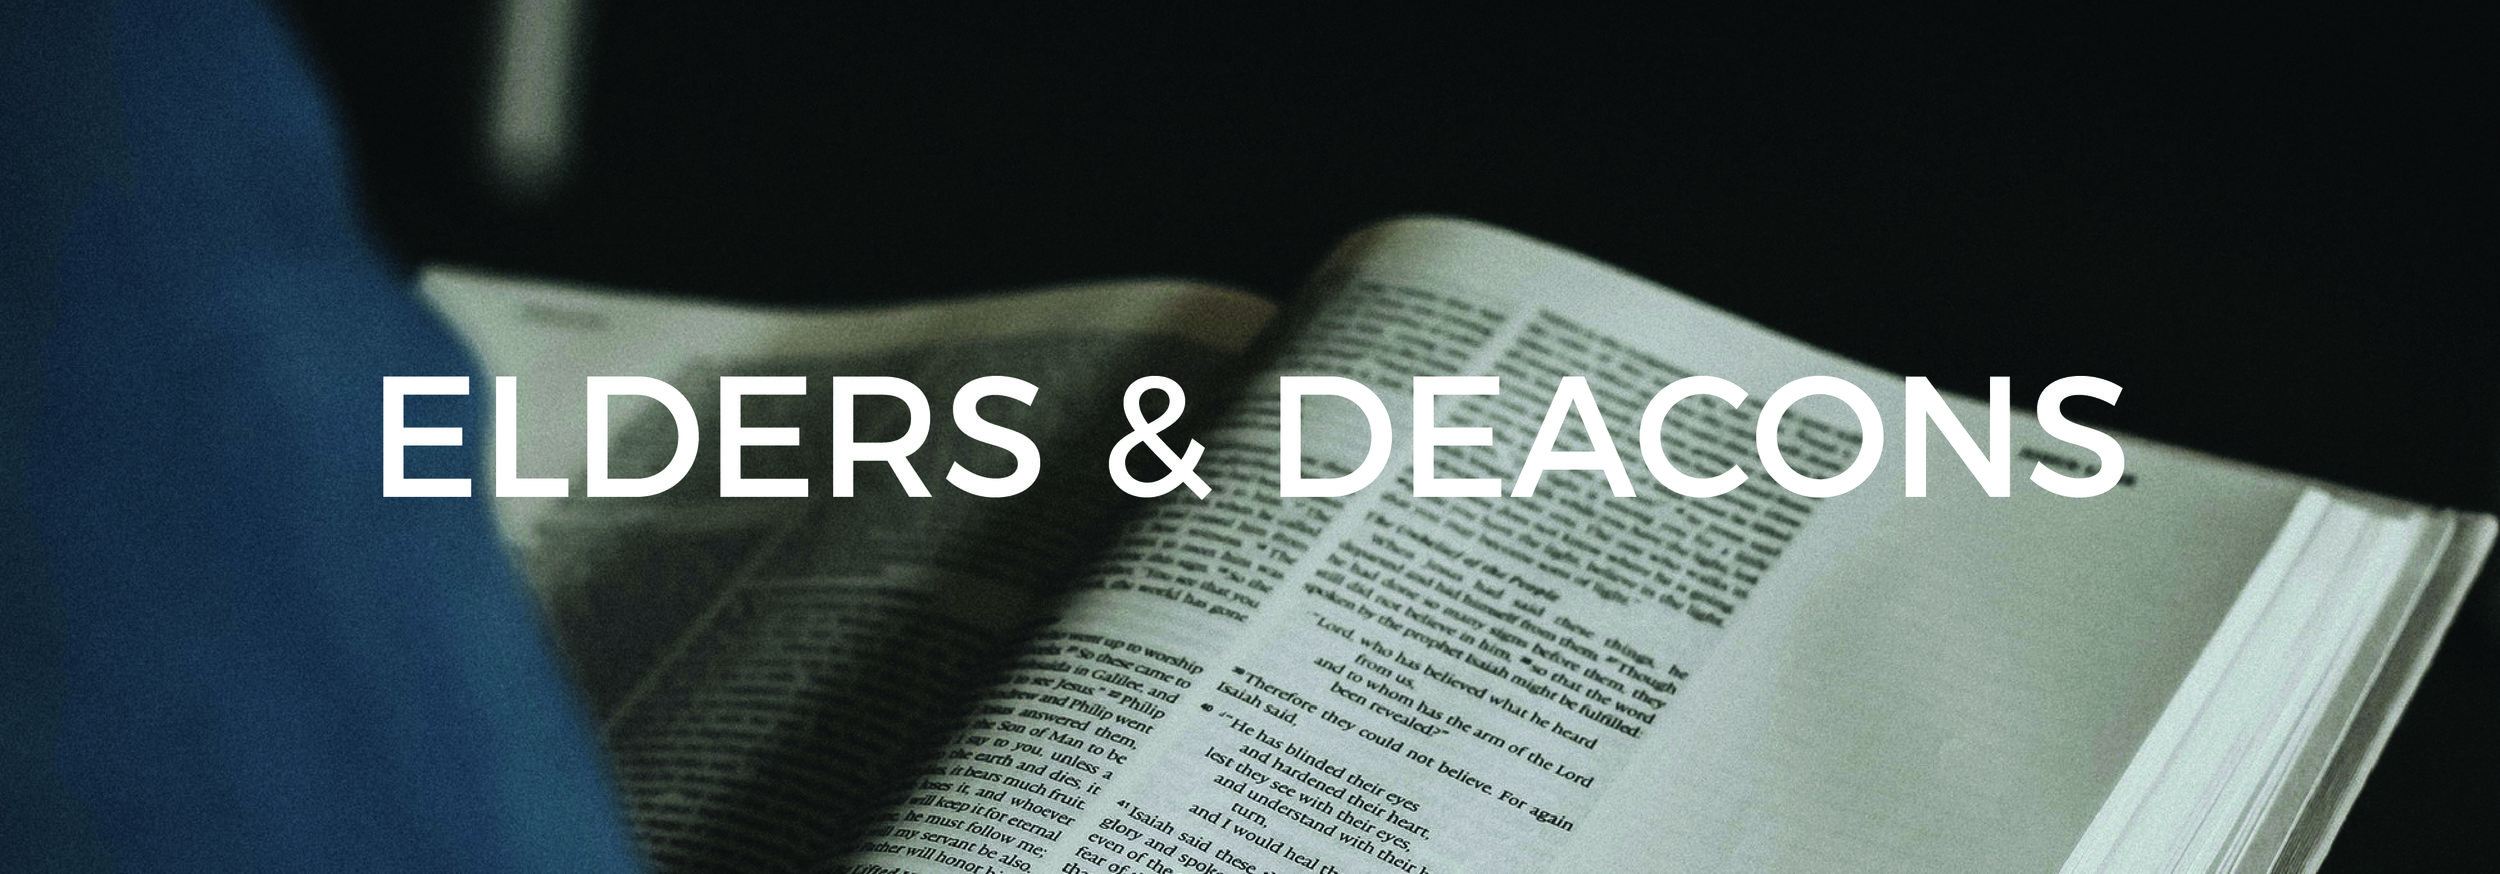 Elders and Deacons.jpg